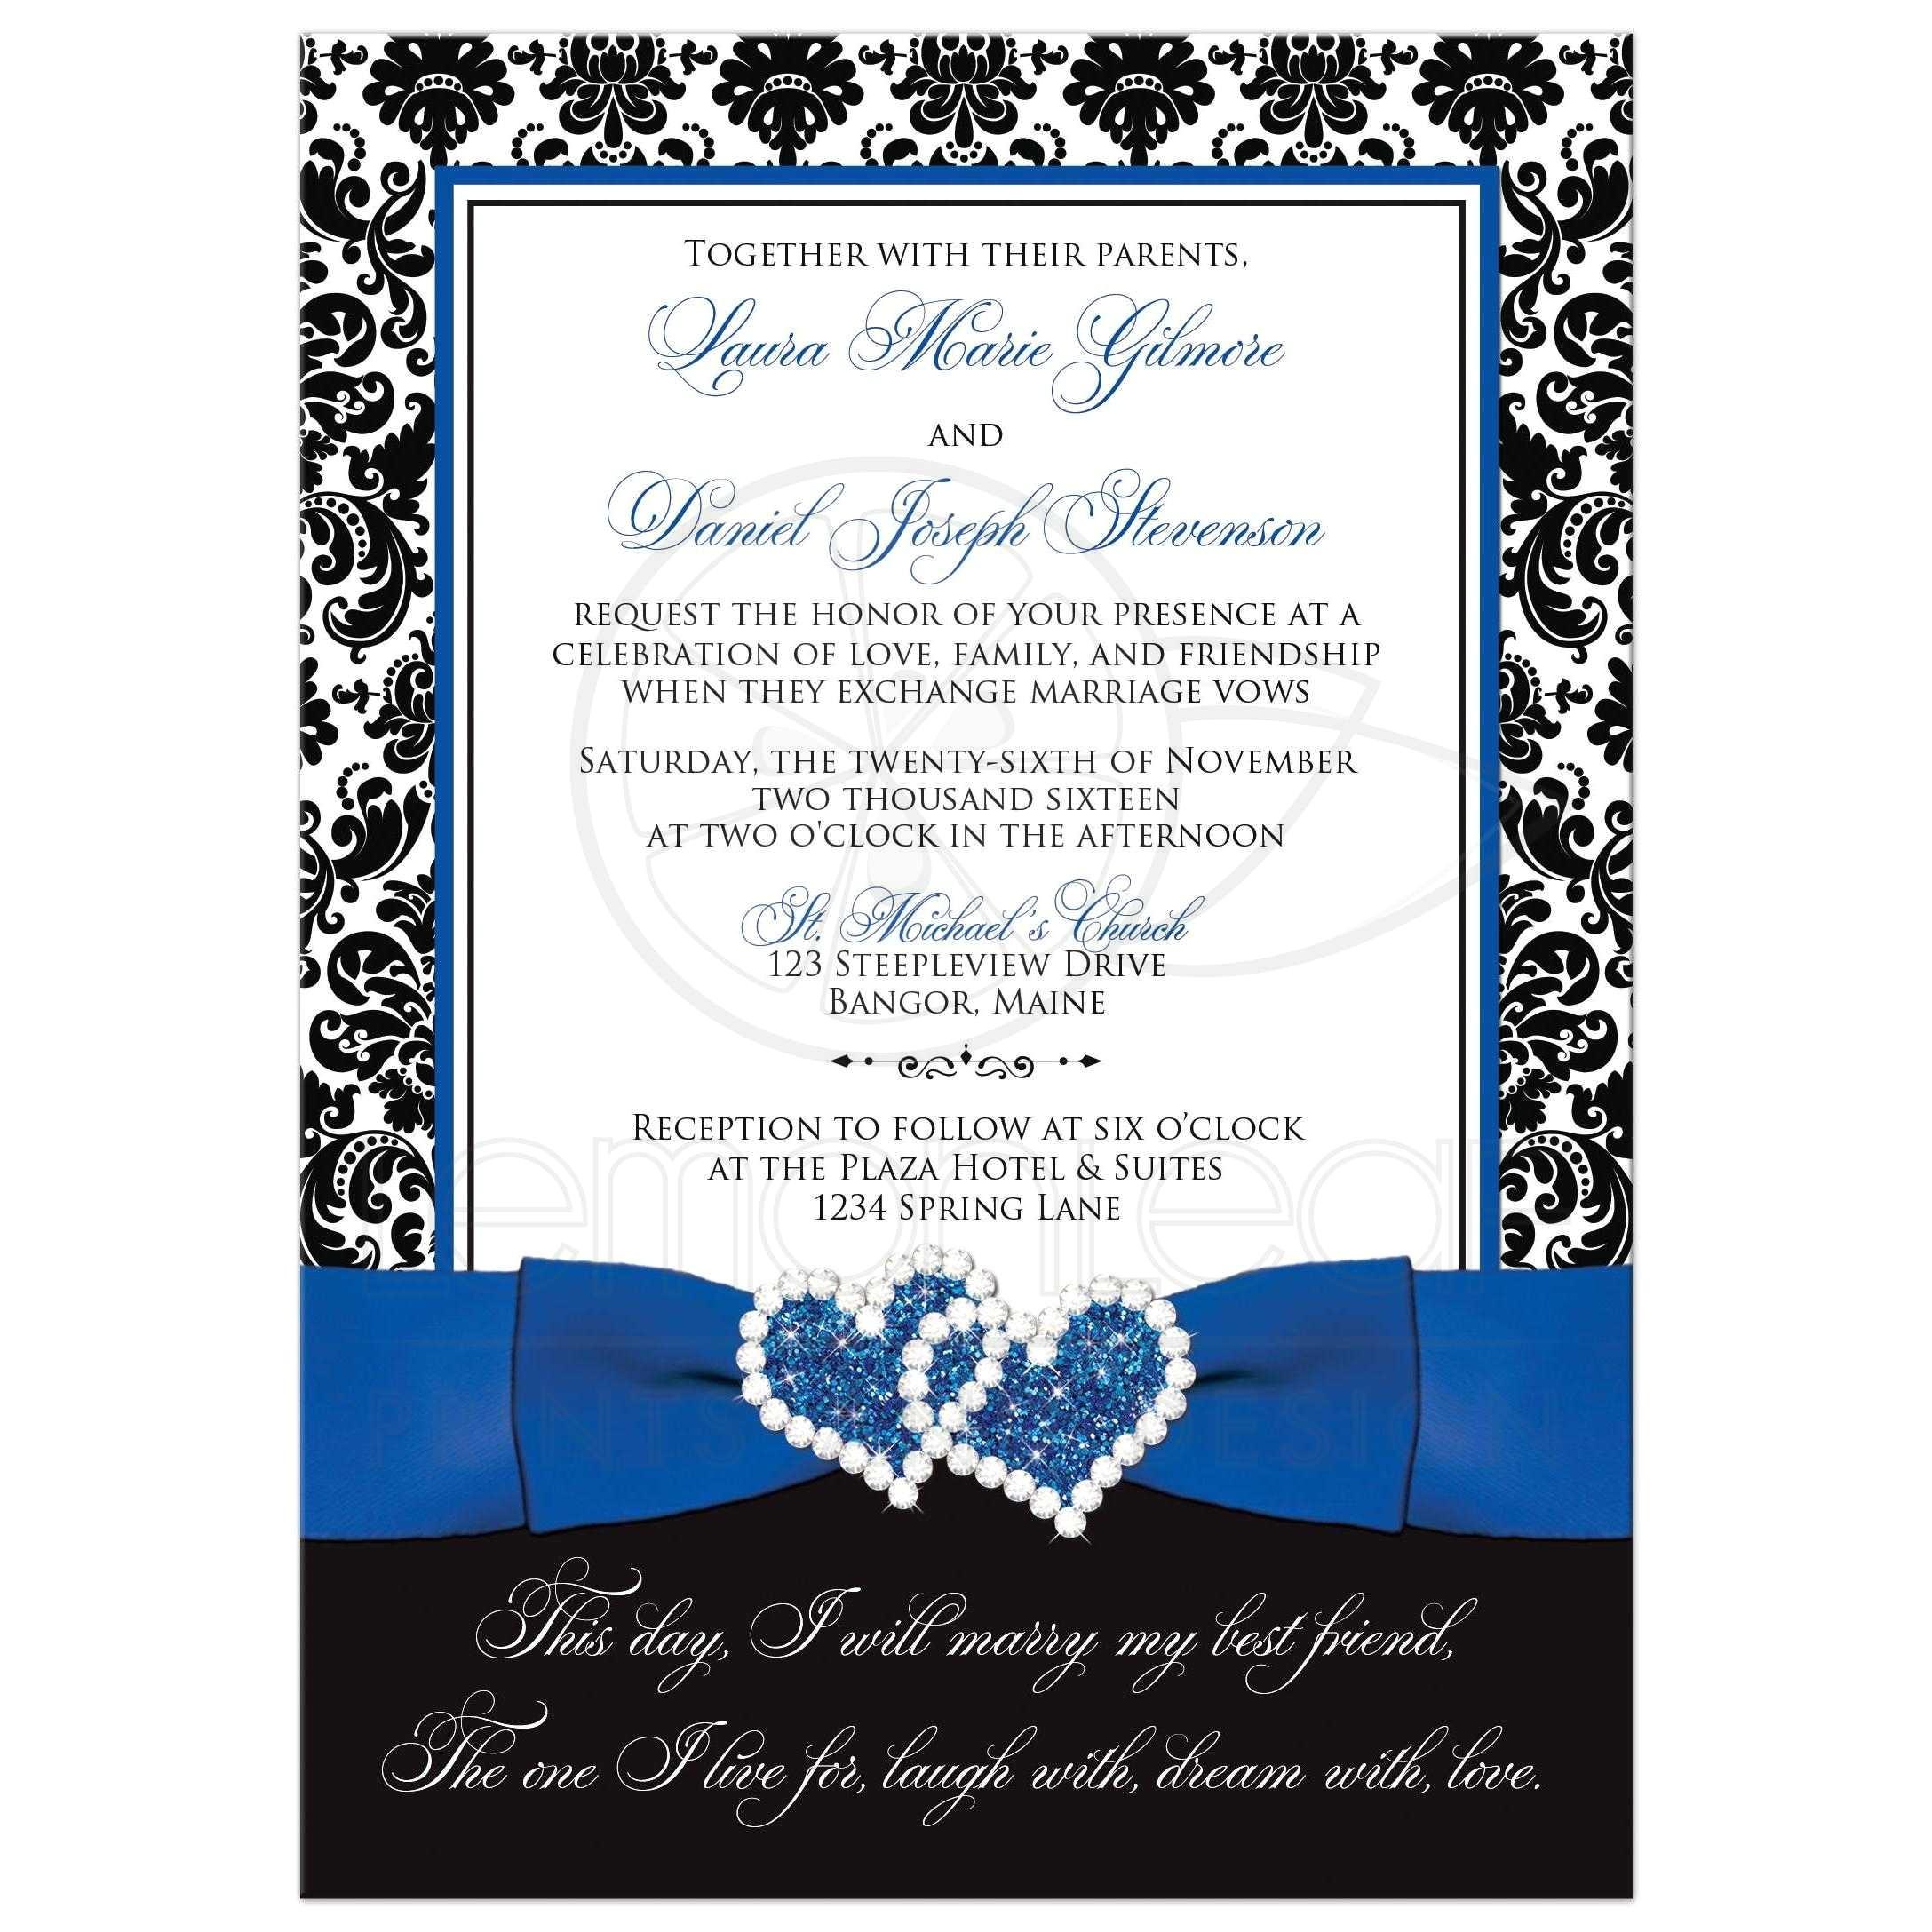 wedding invitation optional photo royal blue white black damask printed ribbon jeweled joined hearts